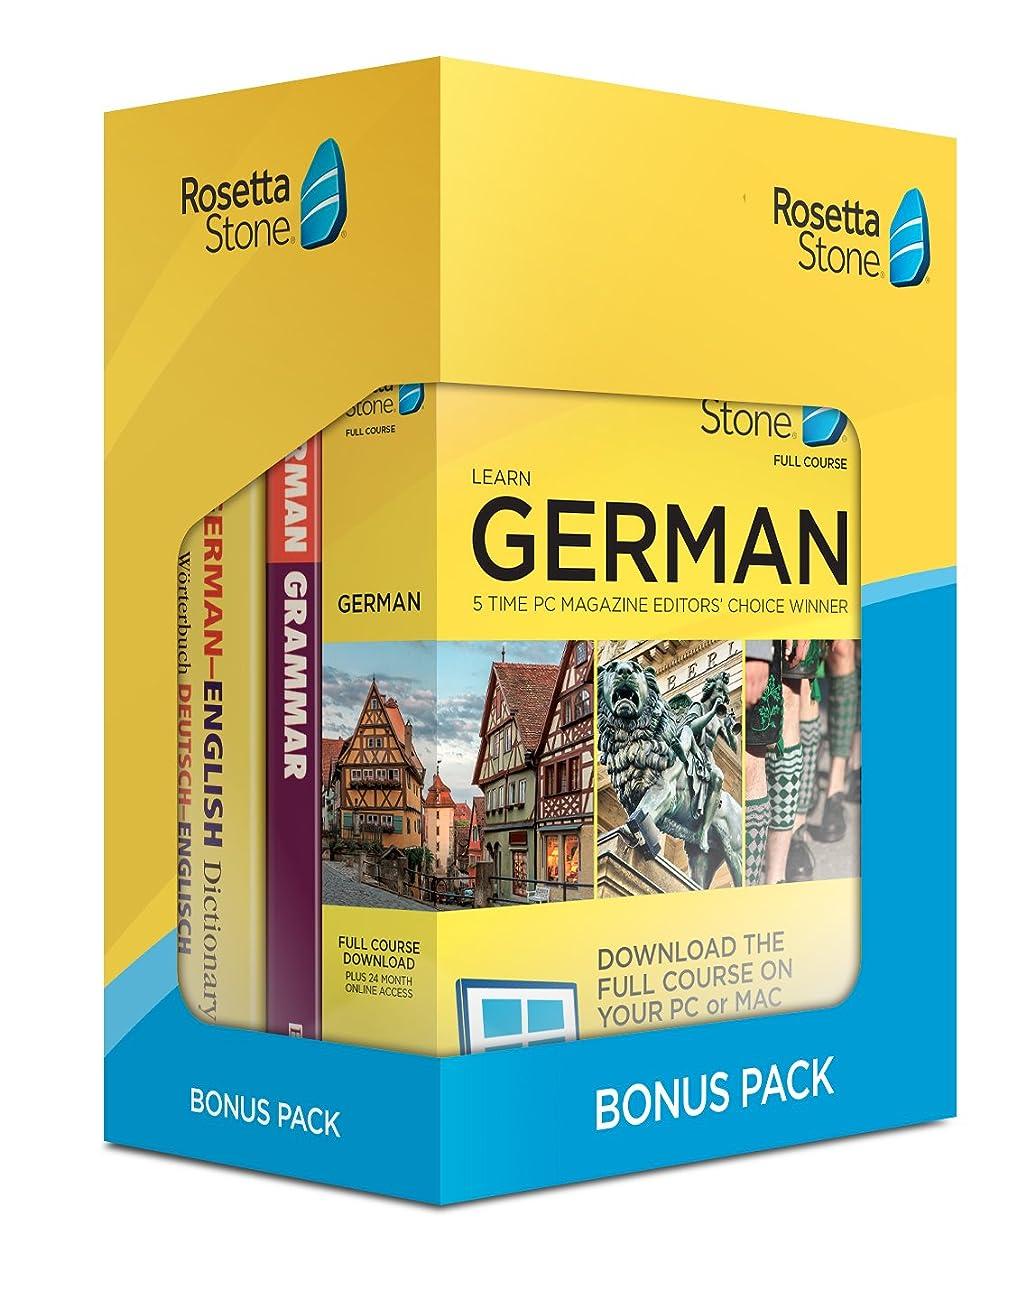 香港必要拒絶するロゼッタストーン ドイツ語 レベル 1-5 + Rosetta Stone 24ヶ月 Online Subscription + 2Books セット【並行輸入品】